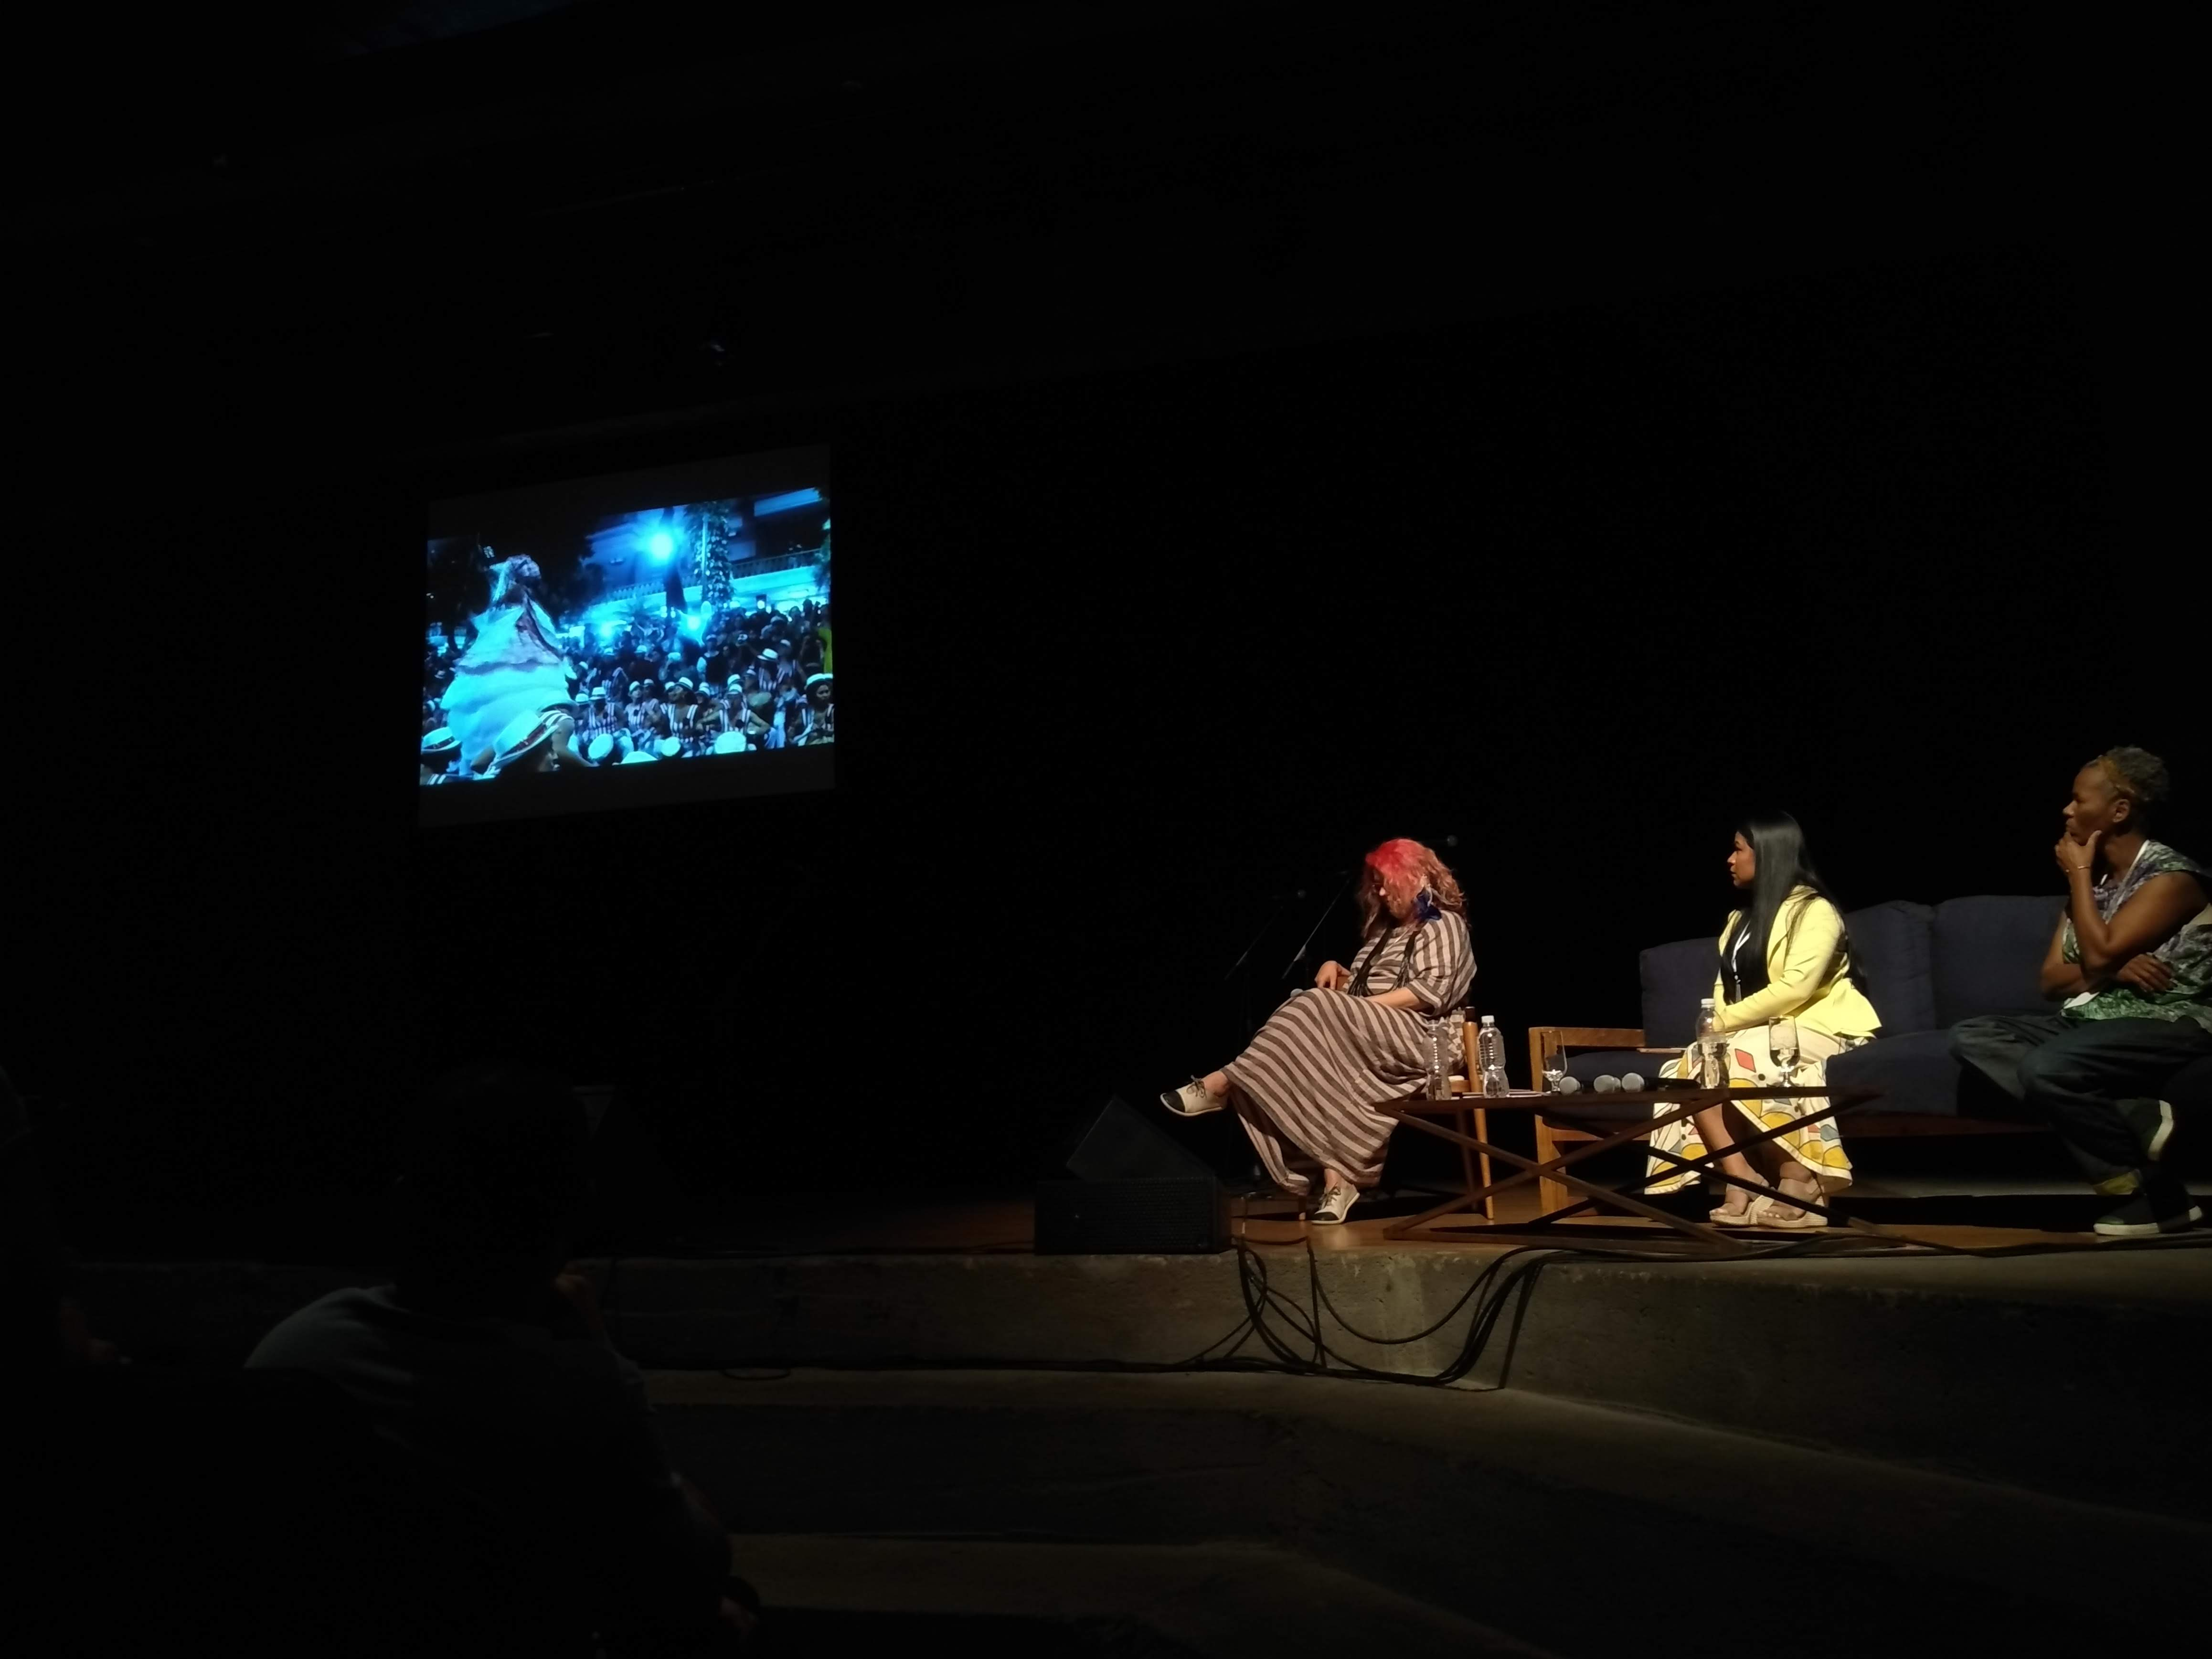 Mesa 8 - Música e identidade cultural: Magda Pucci, Djuena Tikuna (cultura indígena) e Beth Beli (cultura africana)